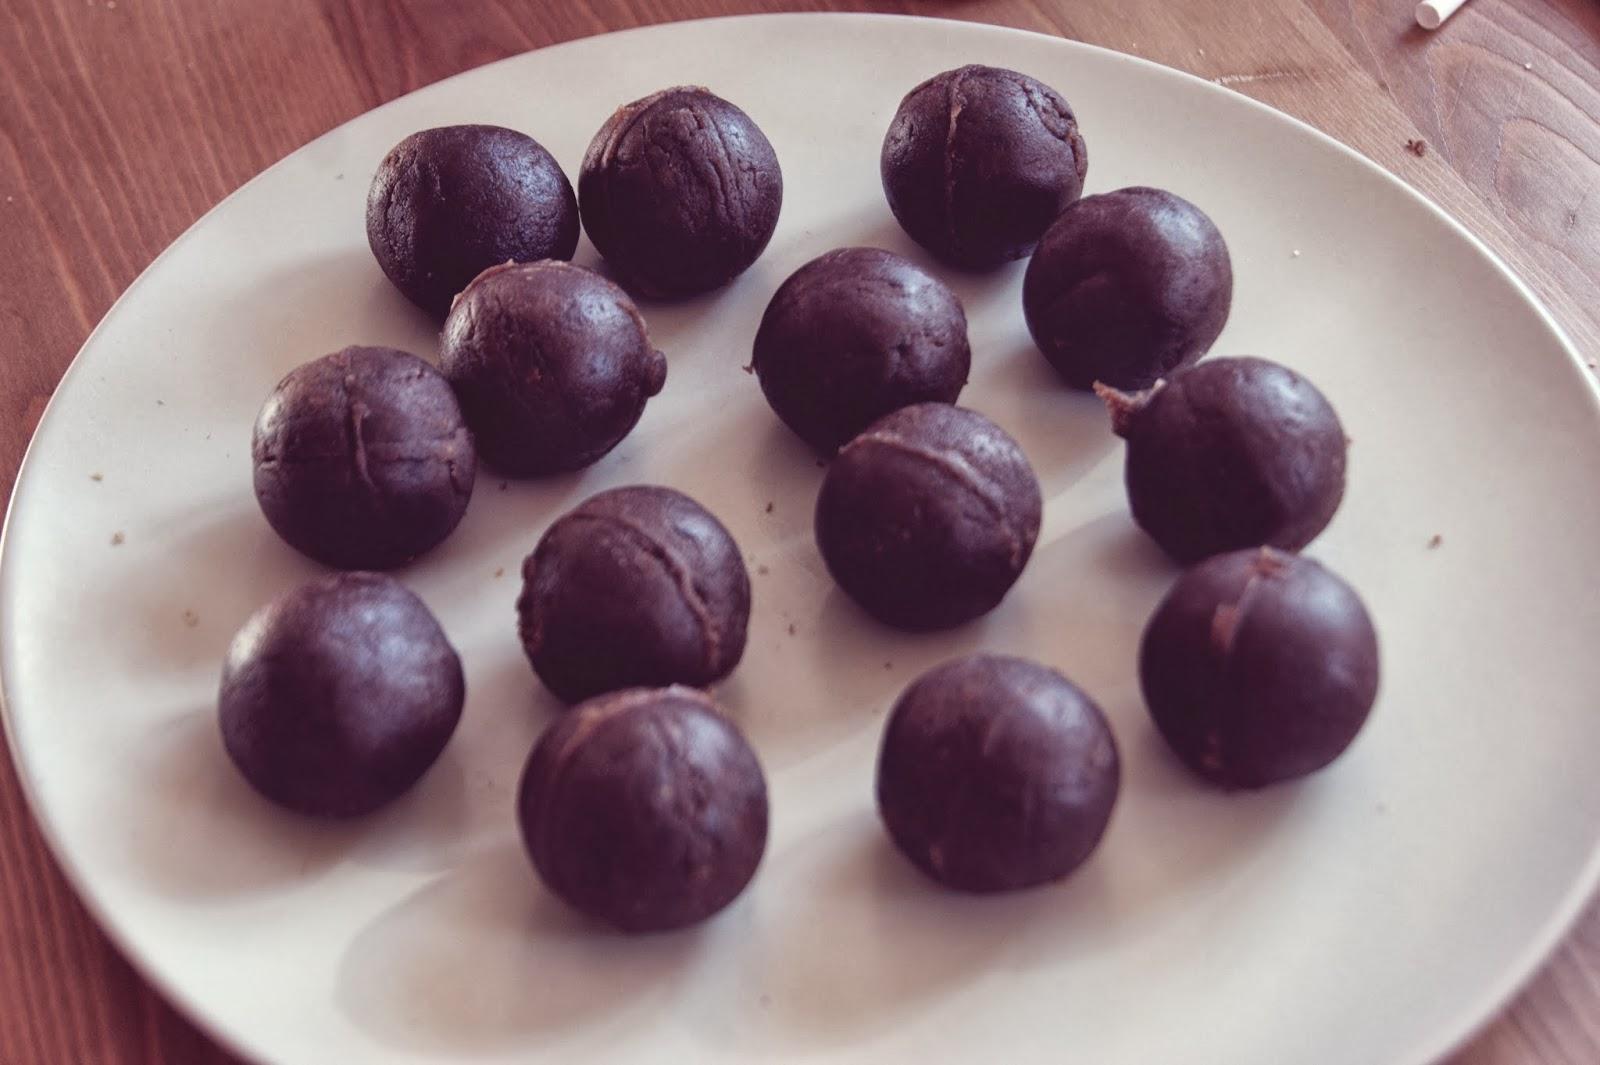 schokolade richtig schmelzen